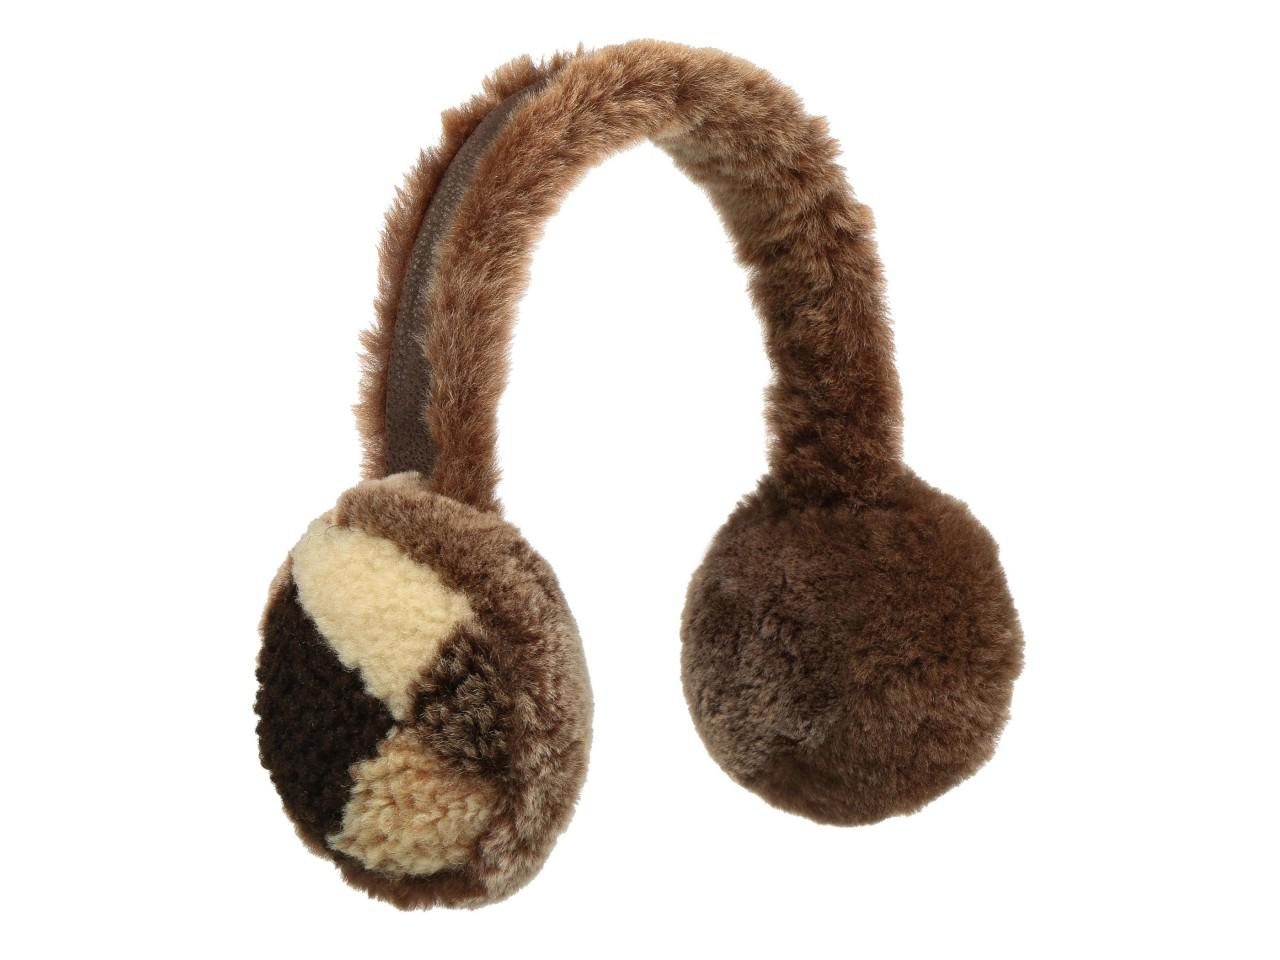 Stetson Earmuff Patchwork Flauschige Ohrenschützer, Braun (67) One Size